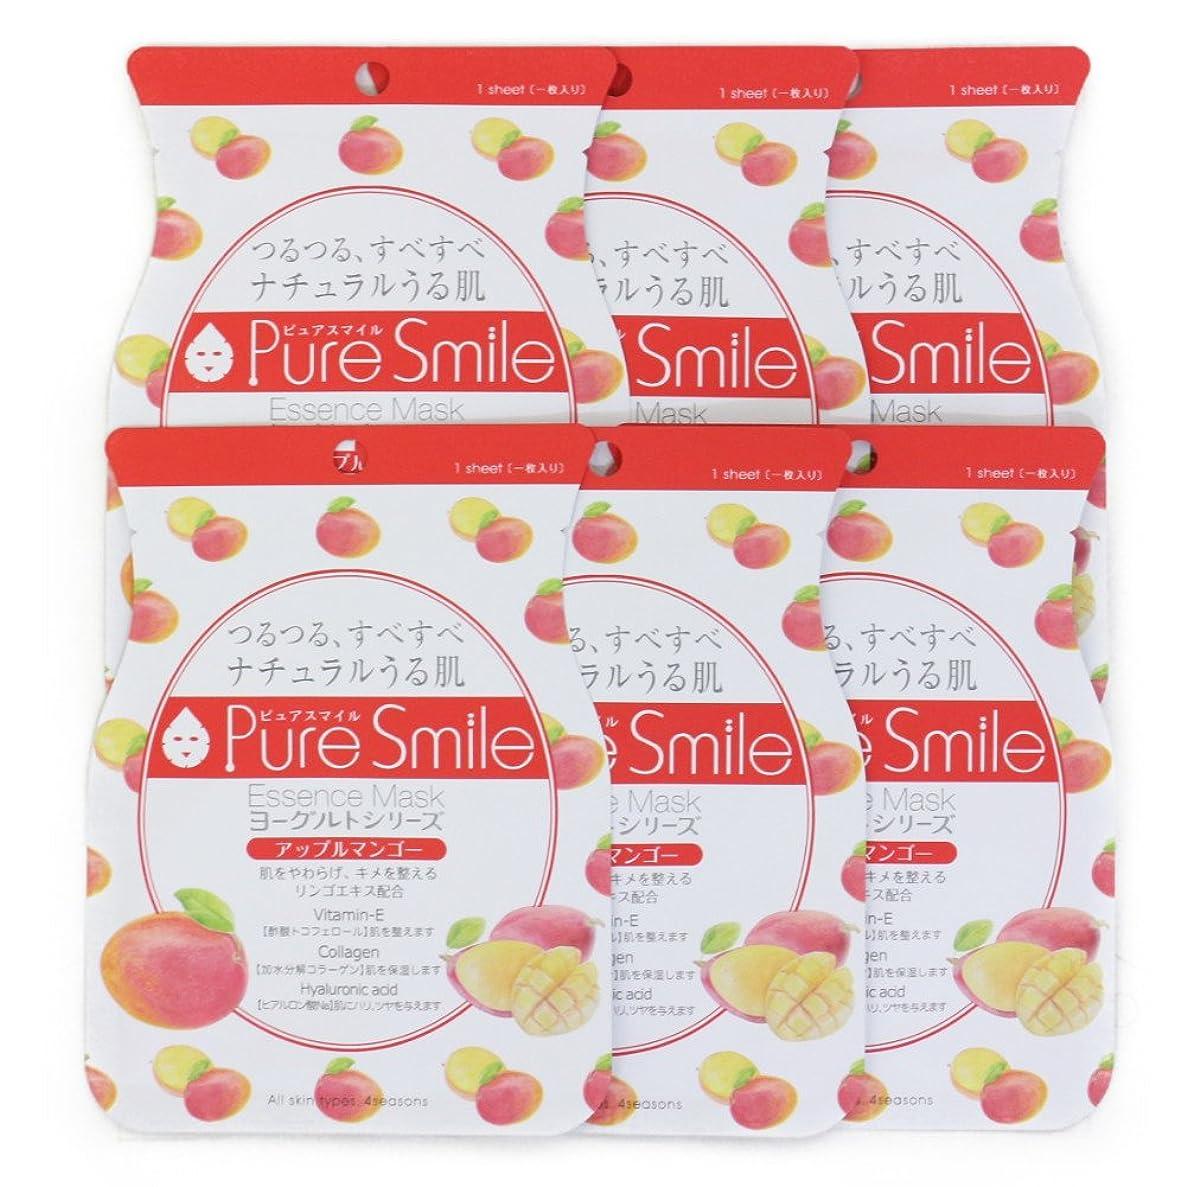 完璧言い直す晴れPure Smile ピュアスマイル ヨーグルトエッセンスマスク アップルマンゴー 6枚セット